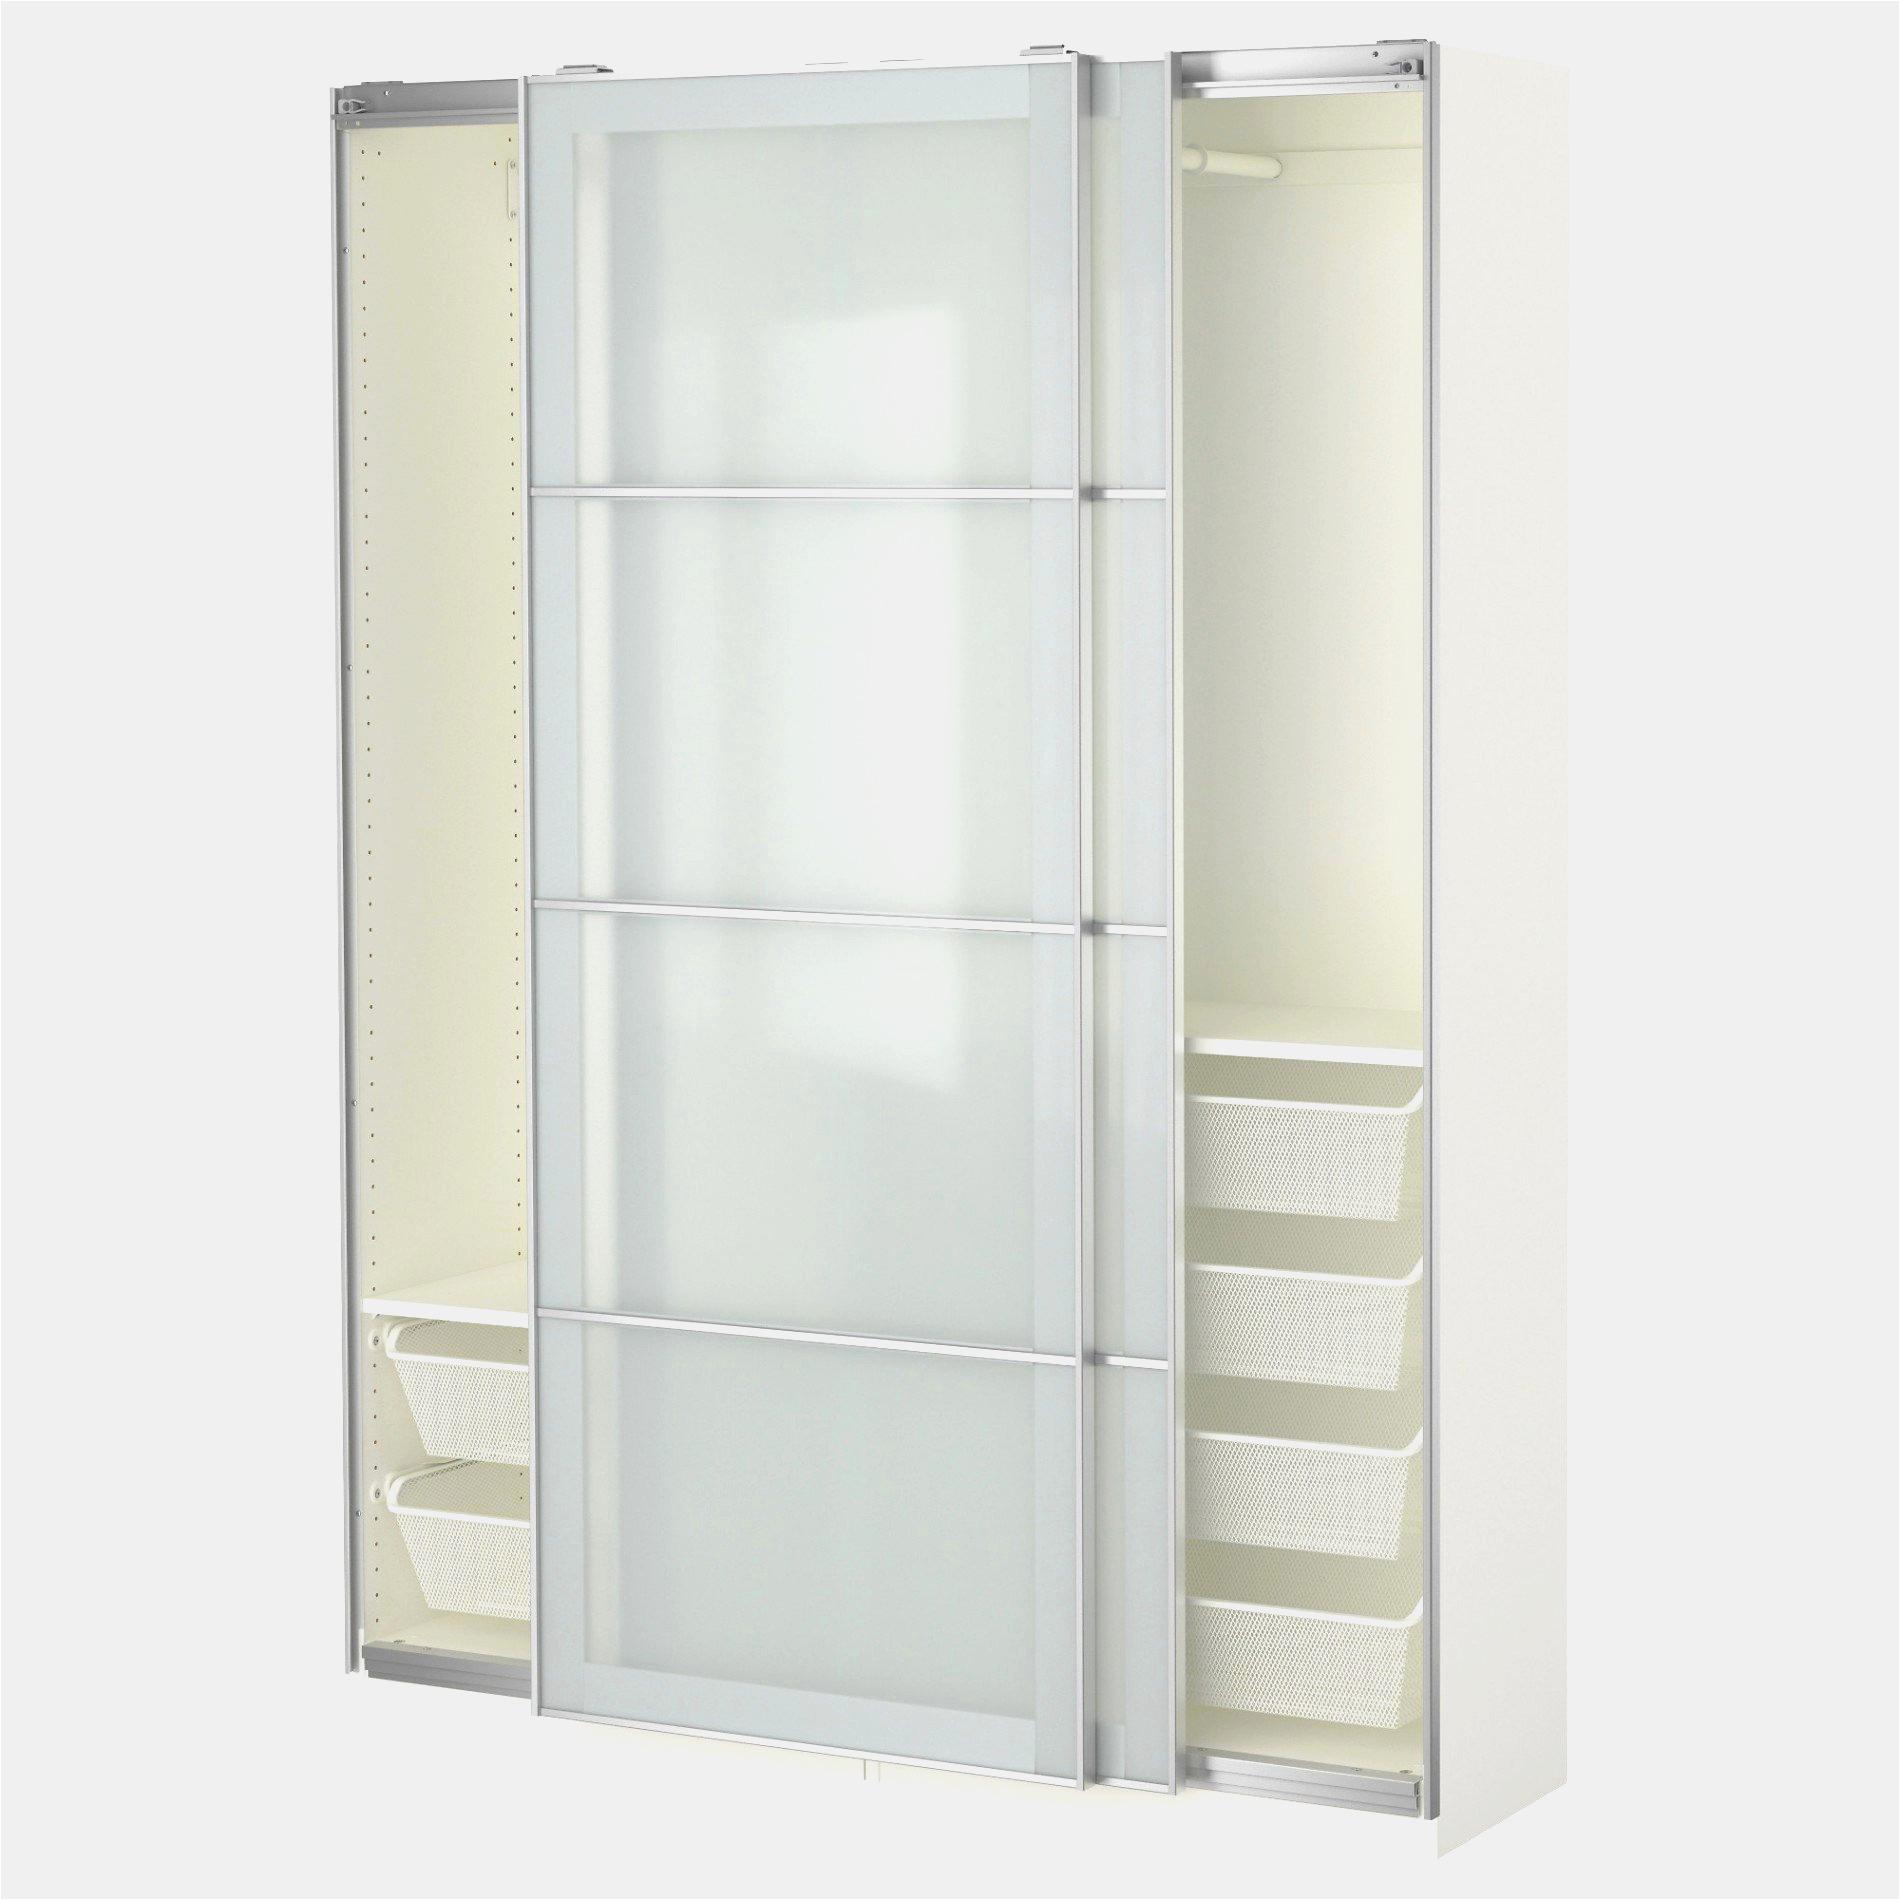 Badezimmerschrank Mit Spiegel Spiegel Für Badezimmer Aukin